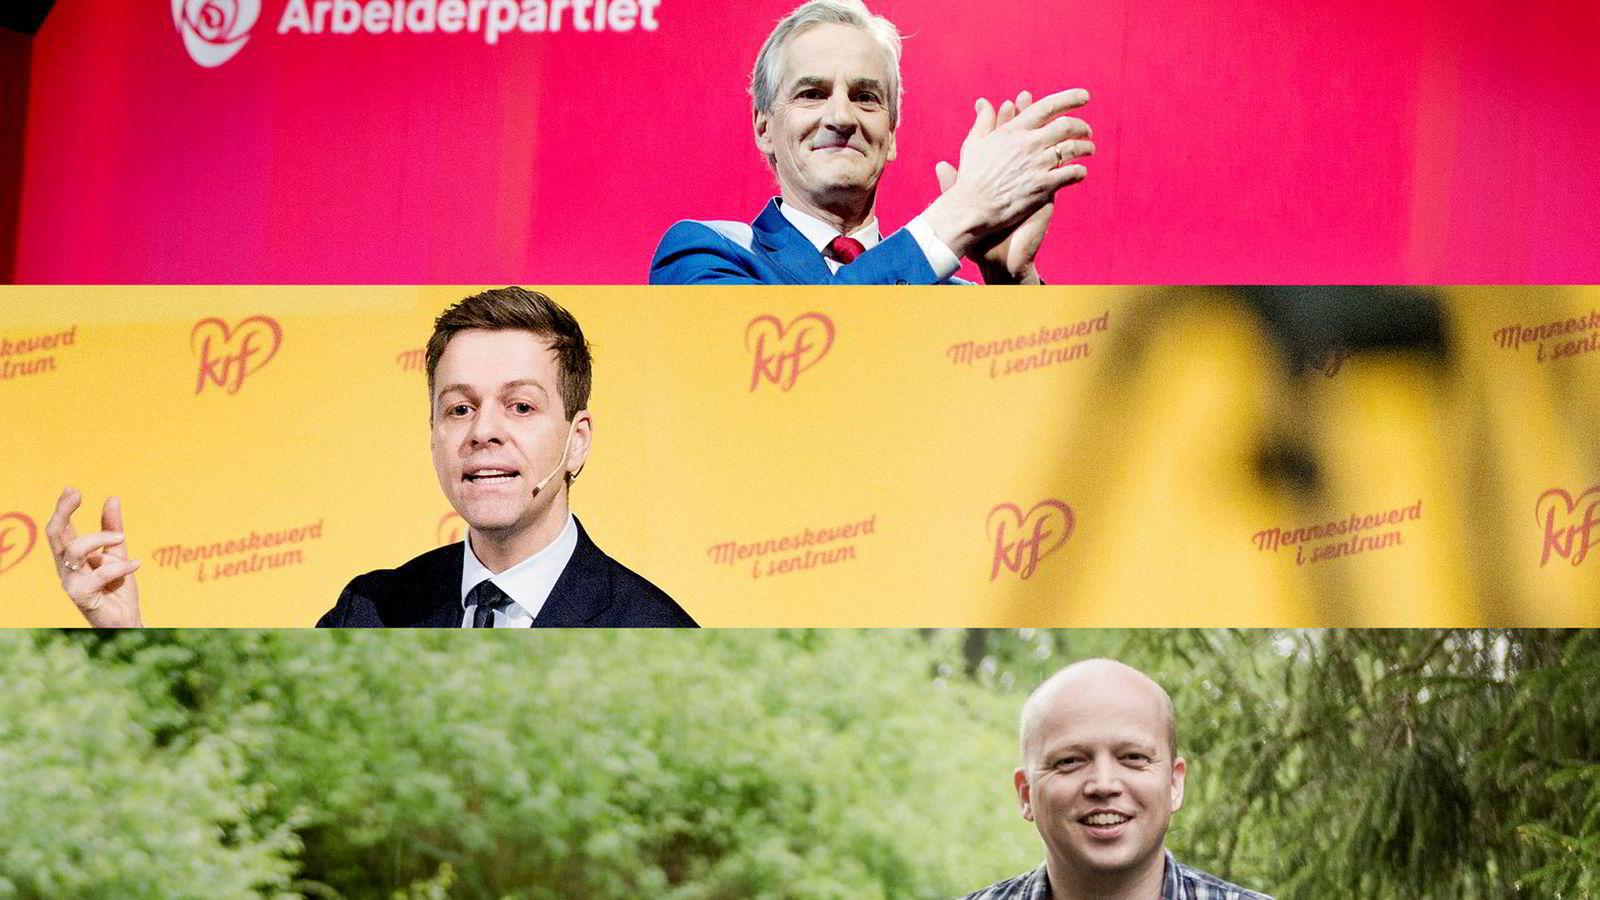 Det er knapt, men gjennomsnittet av de første målingene i valgkampen viser at Ap-leder Jonas Gahr Støre (øverst), KrF-leder Knut Arild Hareide (i midten) og Sp-leder Trygve Slagsvold Vedum kan få flertall sammen.